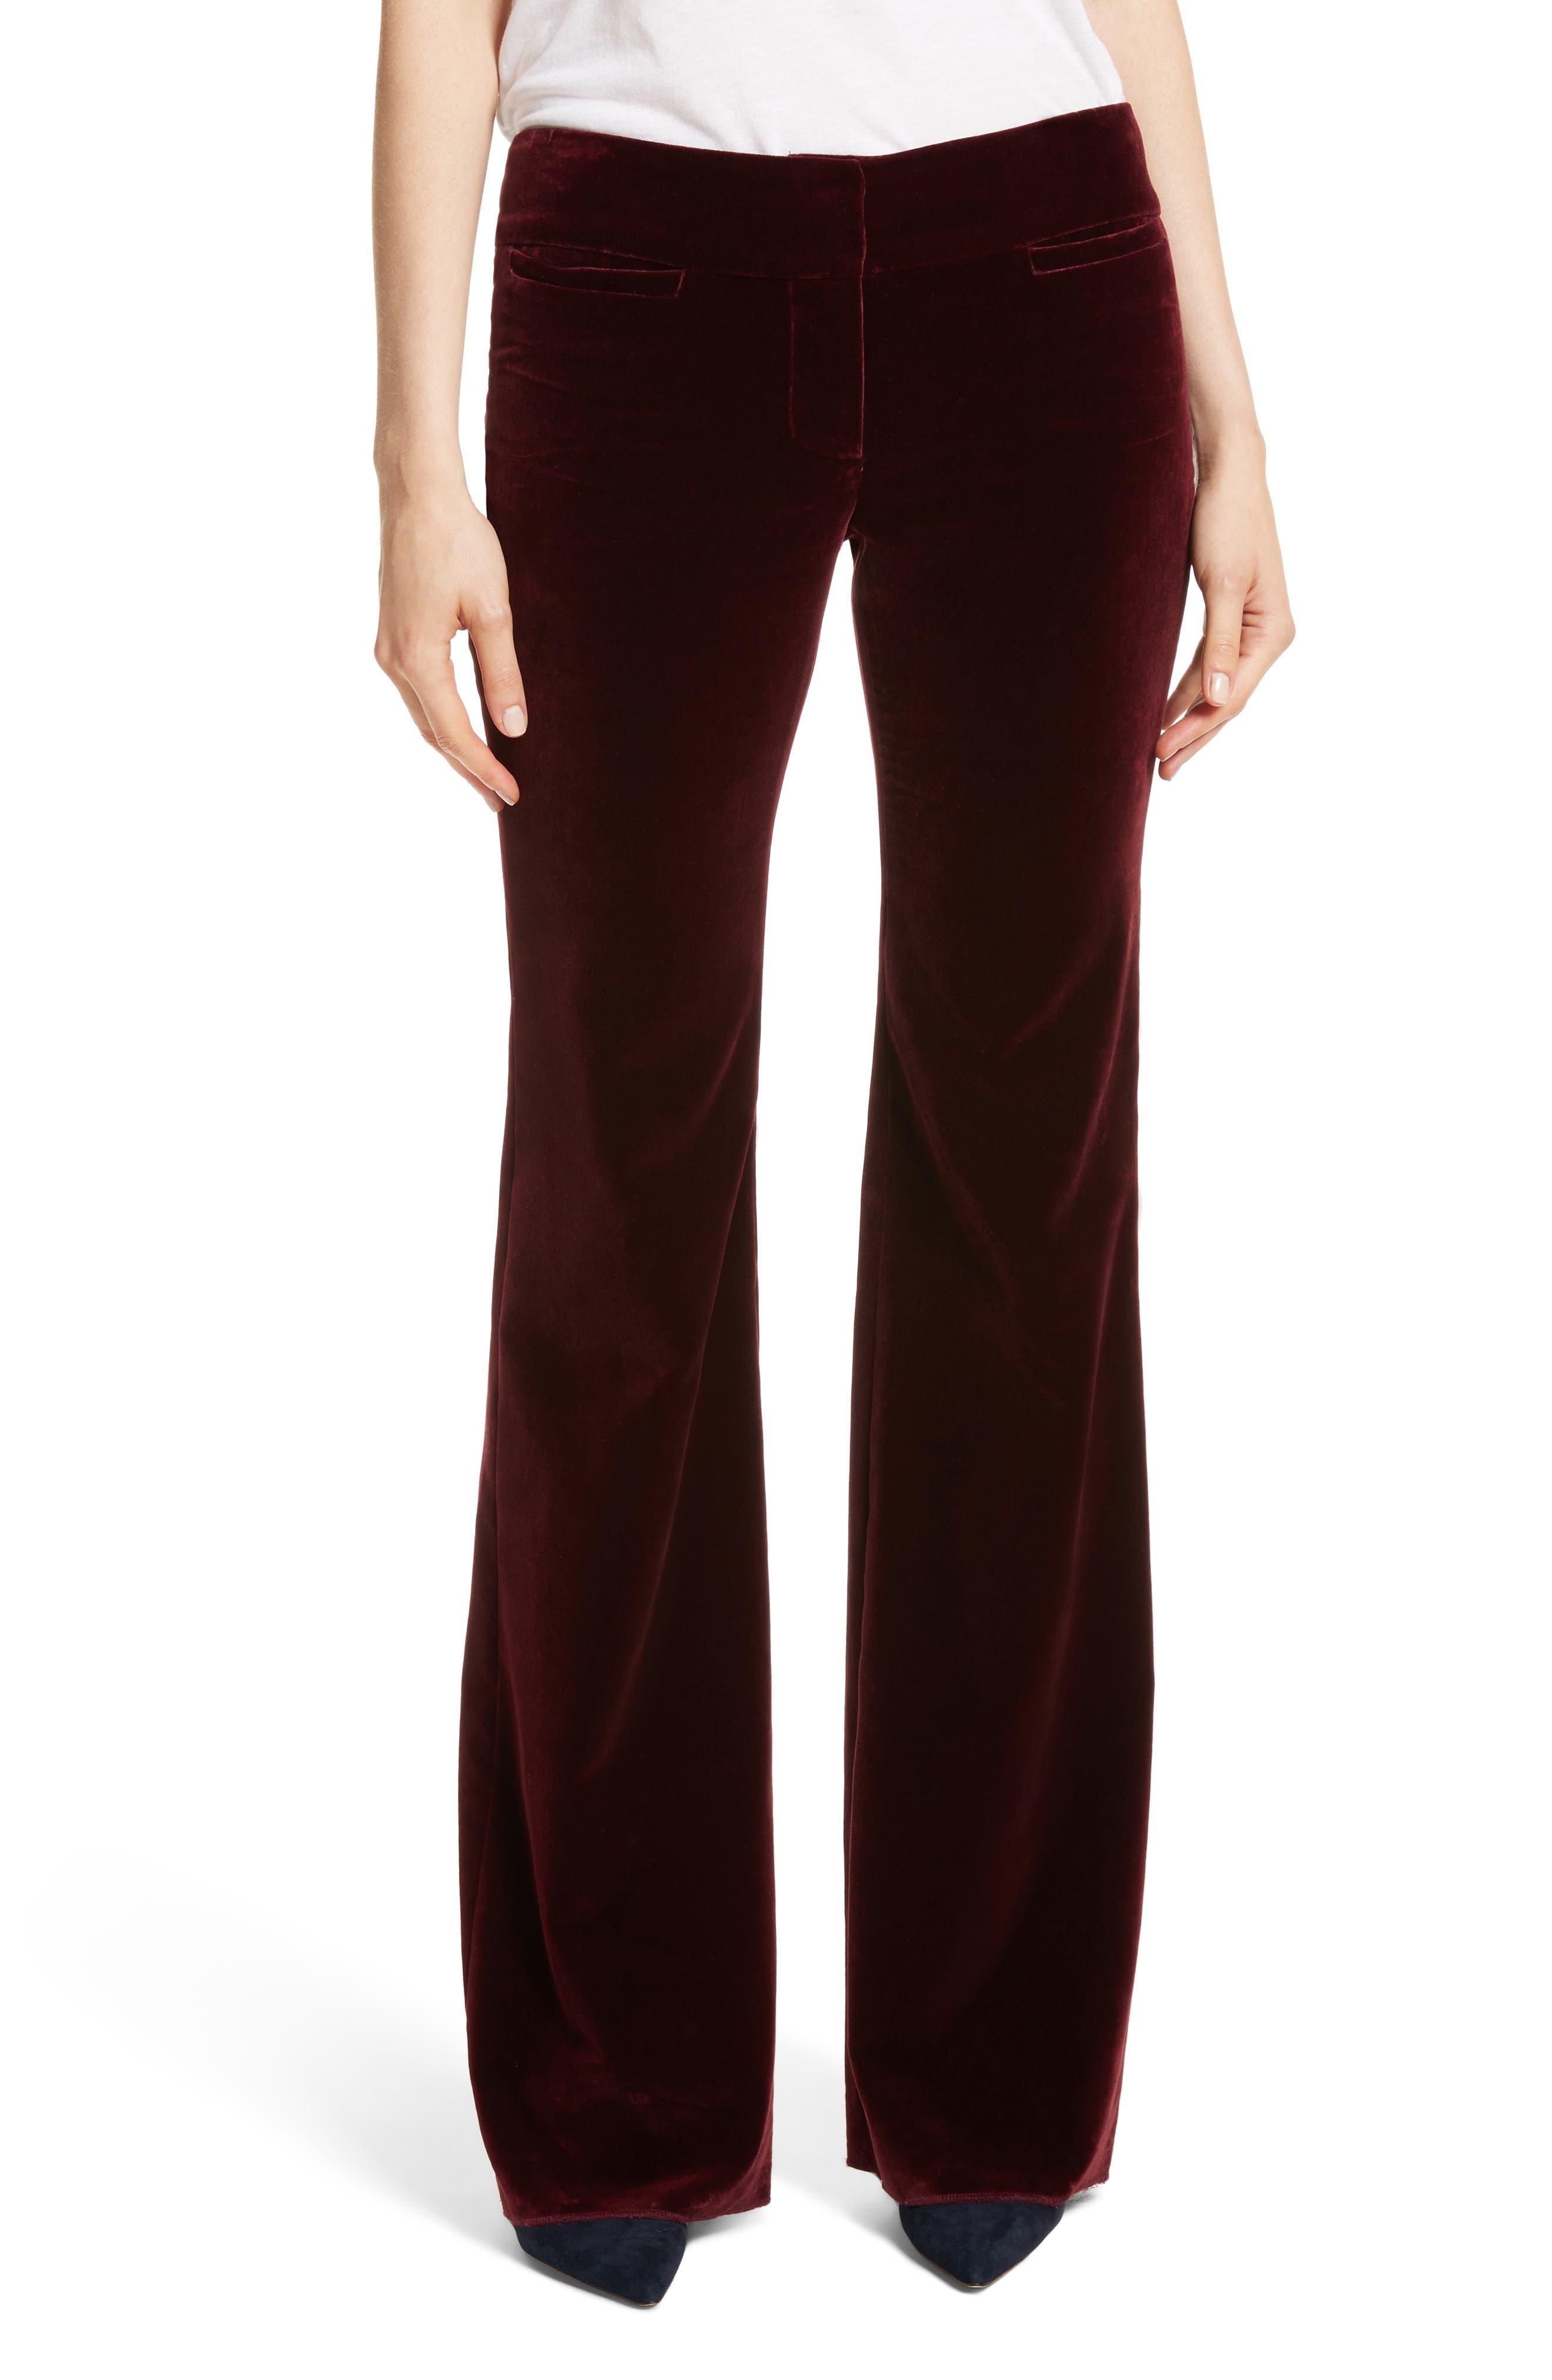 Amoire Velvet Flare Pants,                         Main,                         color, Burgundy